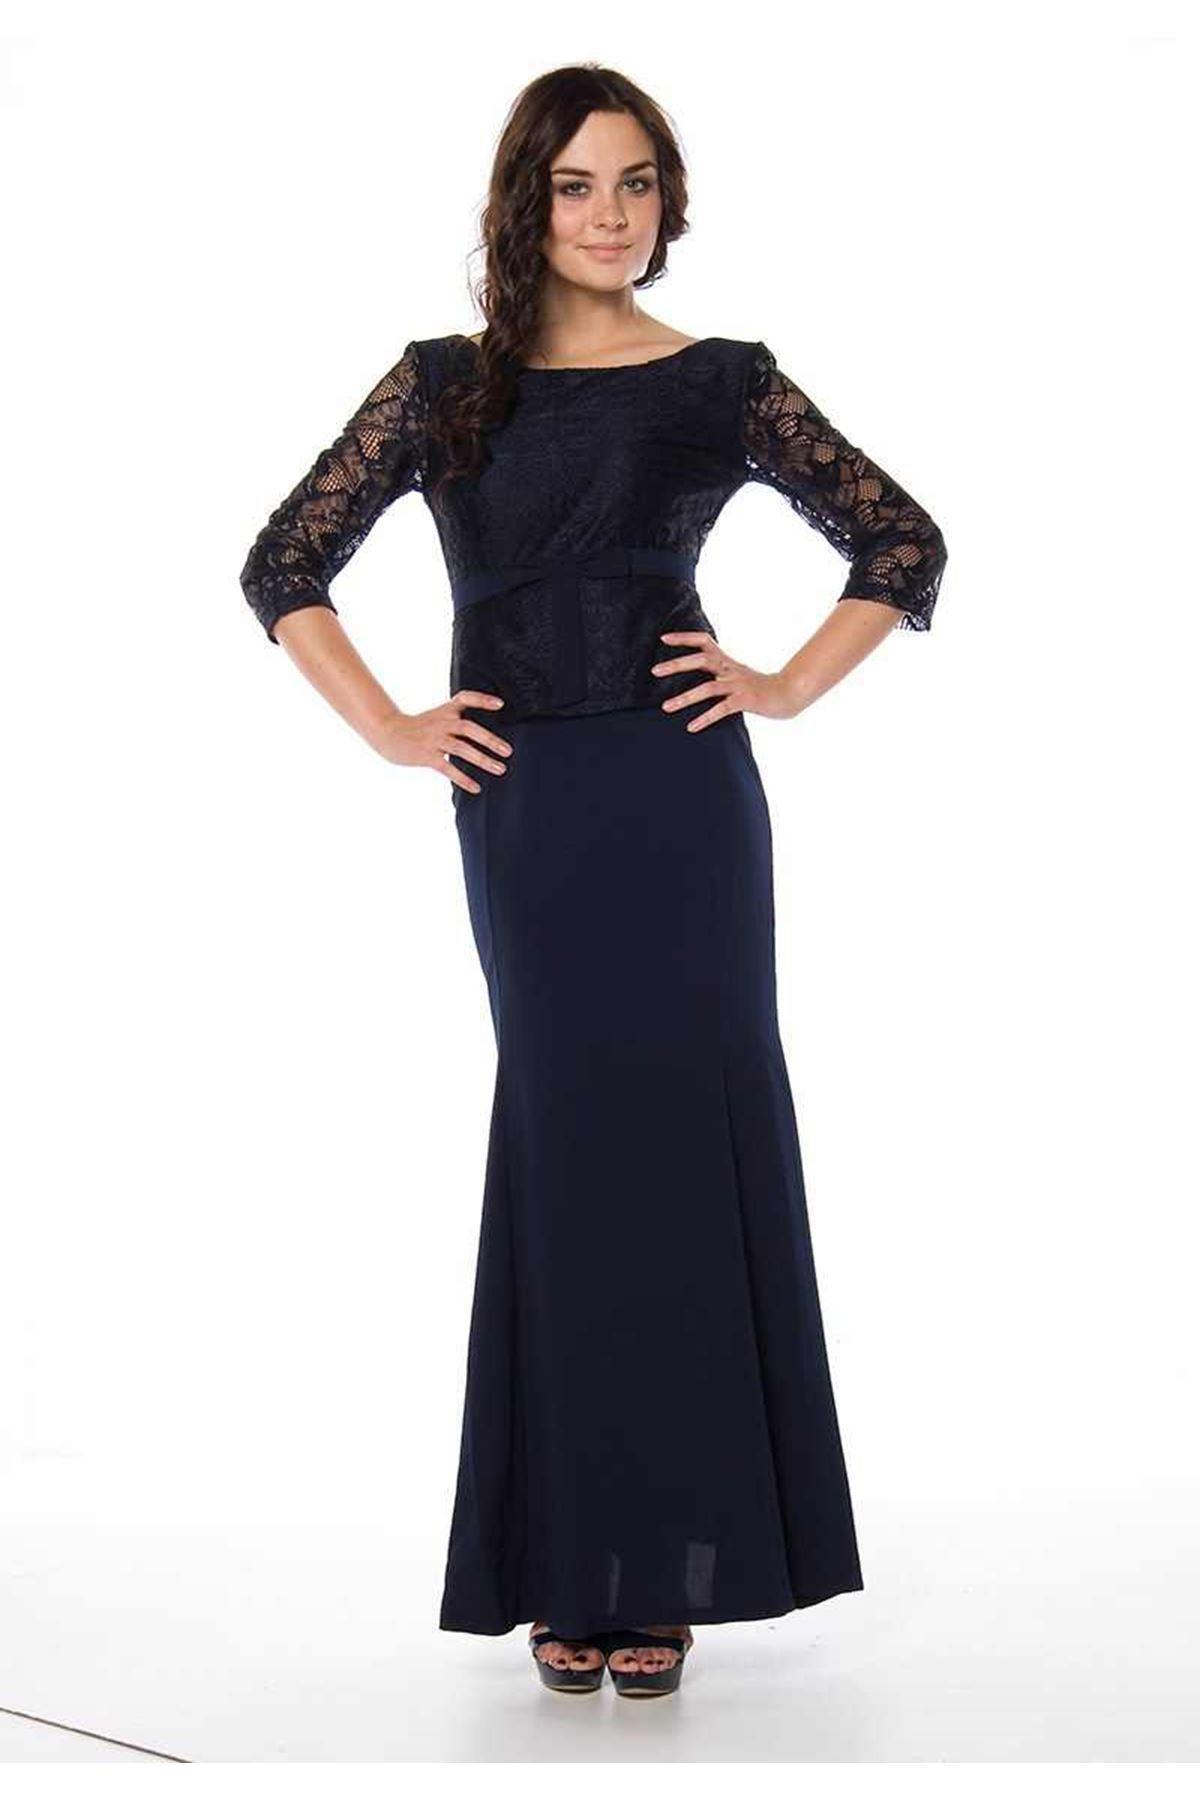 Kenn More Lacivert Dantelli Kadın Elbise G1-82755